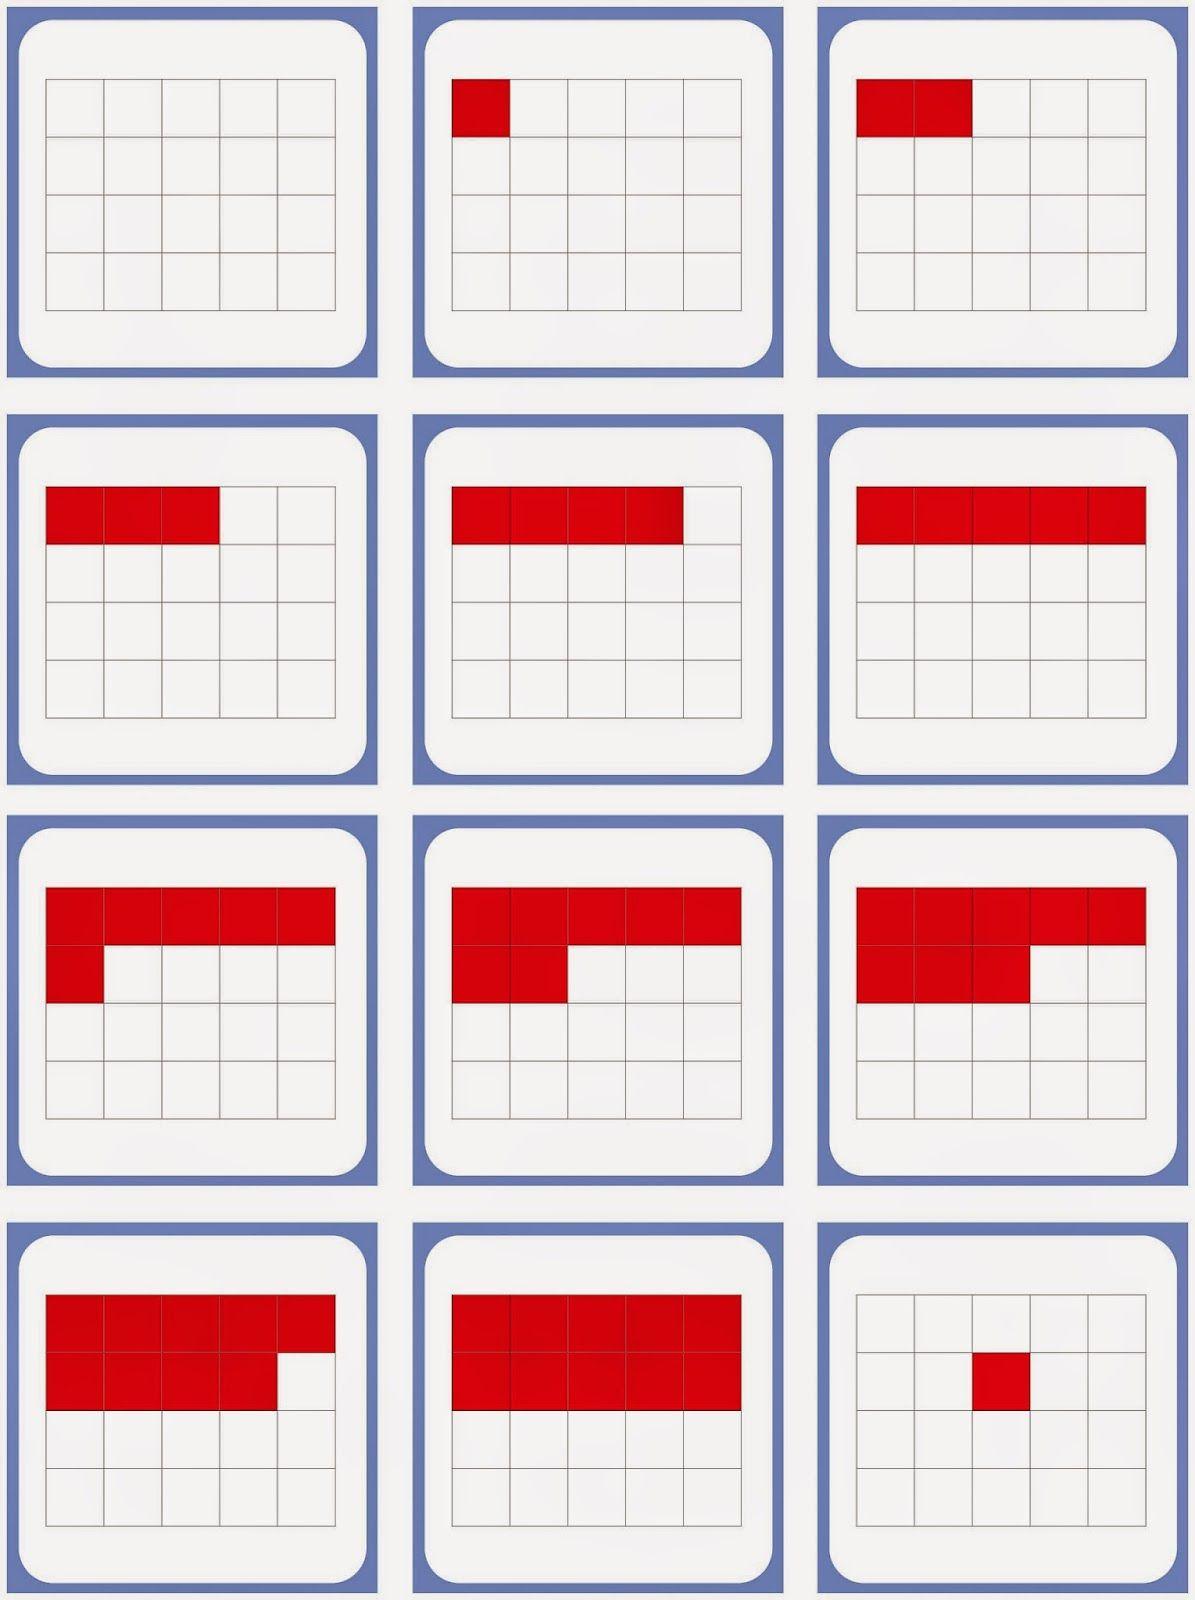 blitzblickkarten bis 10 arbeitsbl tter legasthenie dyskalkulie school math und montessori. Black Bedroom Furniture Sets. Home Design Ideas